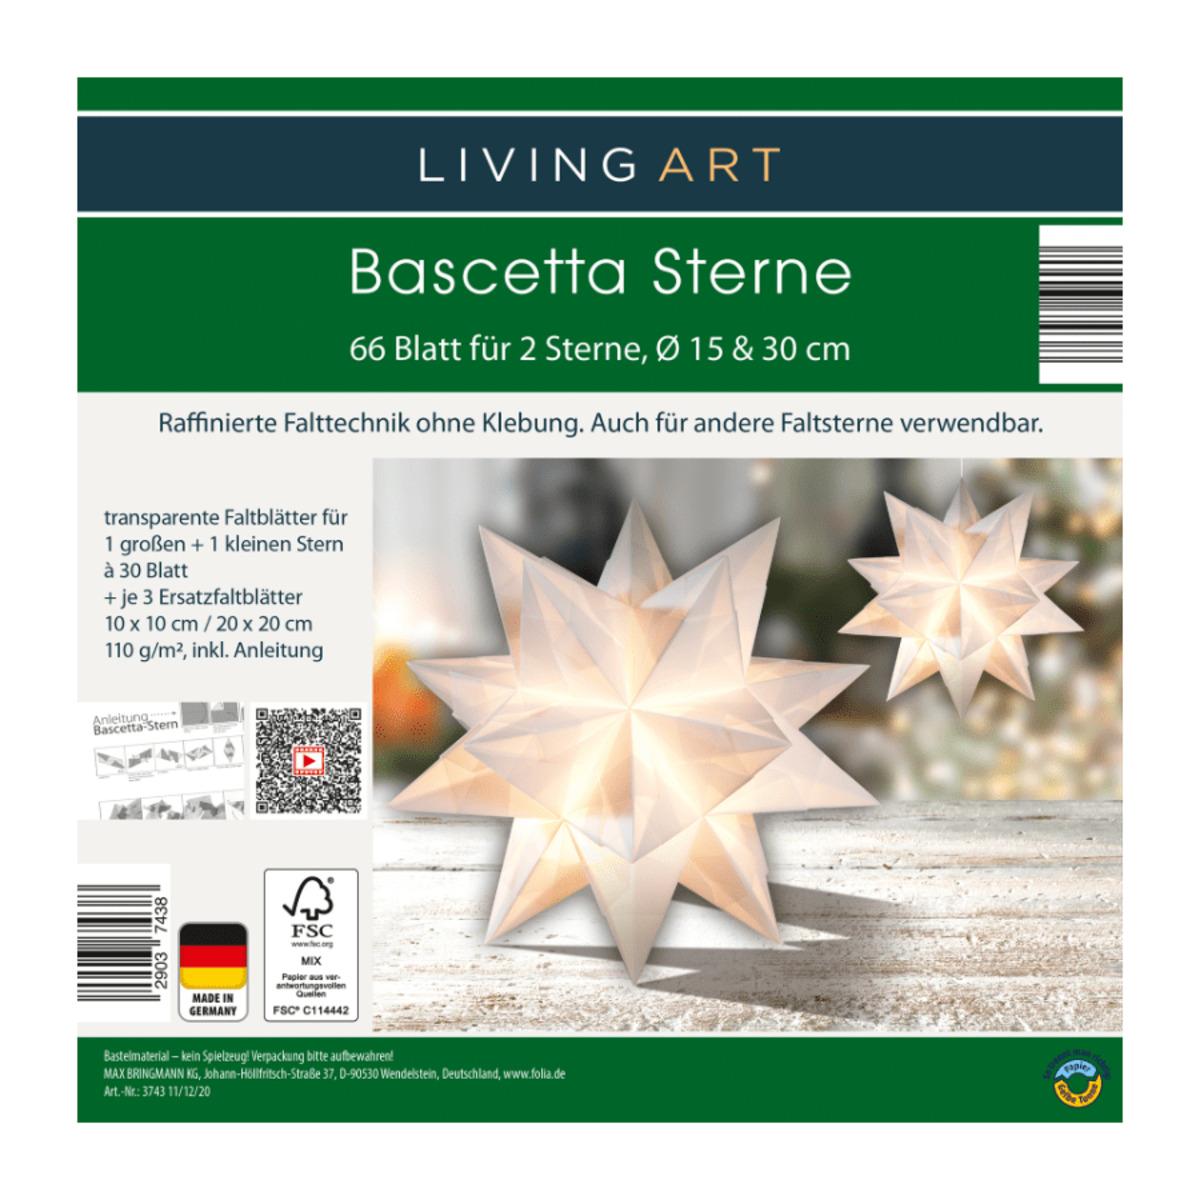 Bild 5 von LIVING ART     Bascetta Sterne